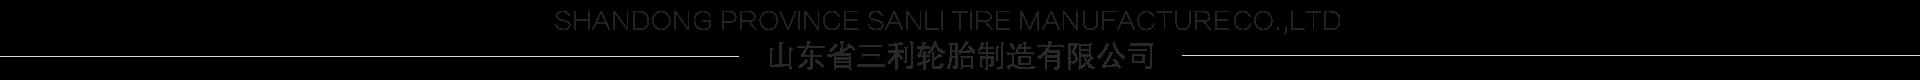 山東省三利輪胎制造有限公司